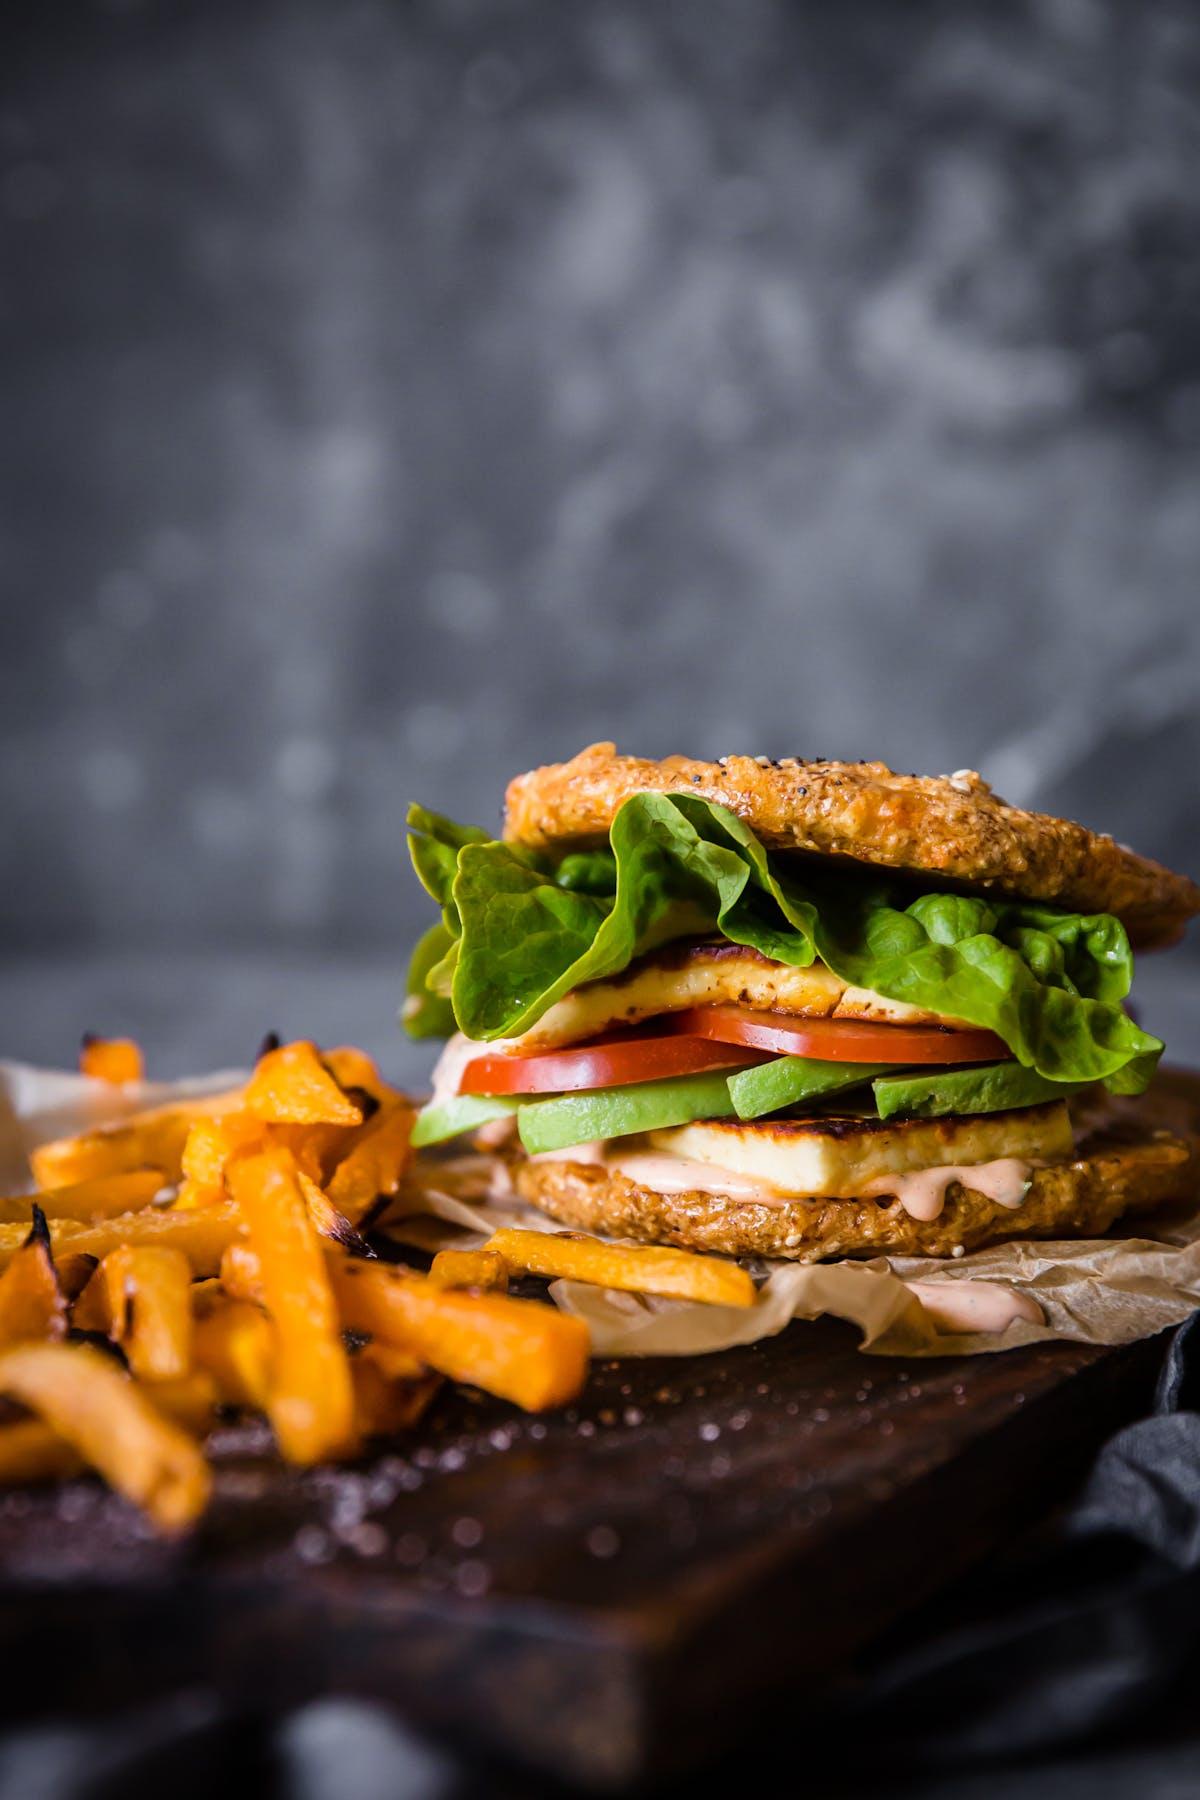 Halloumi burger with rutabaga fries